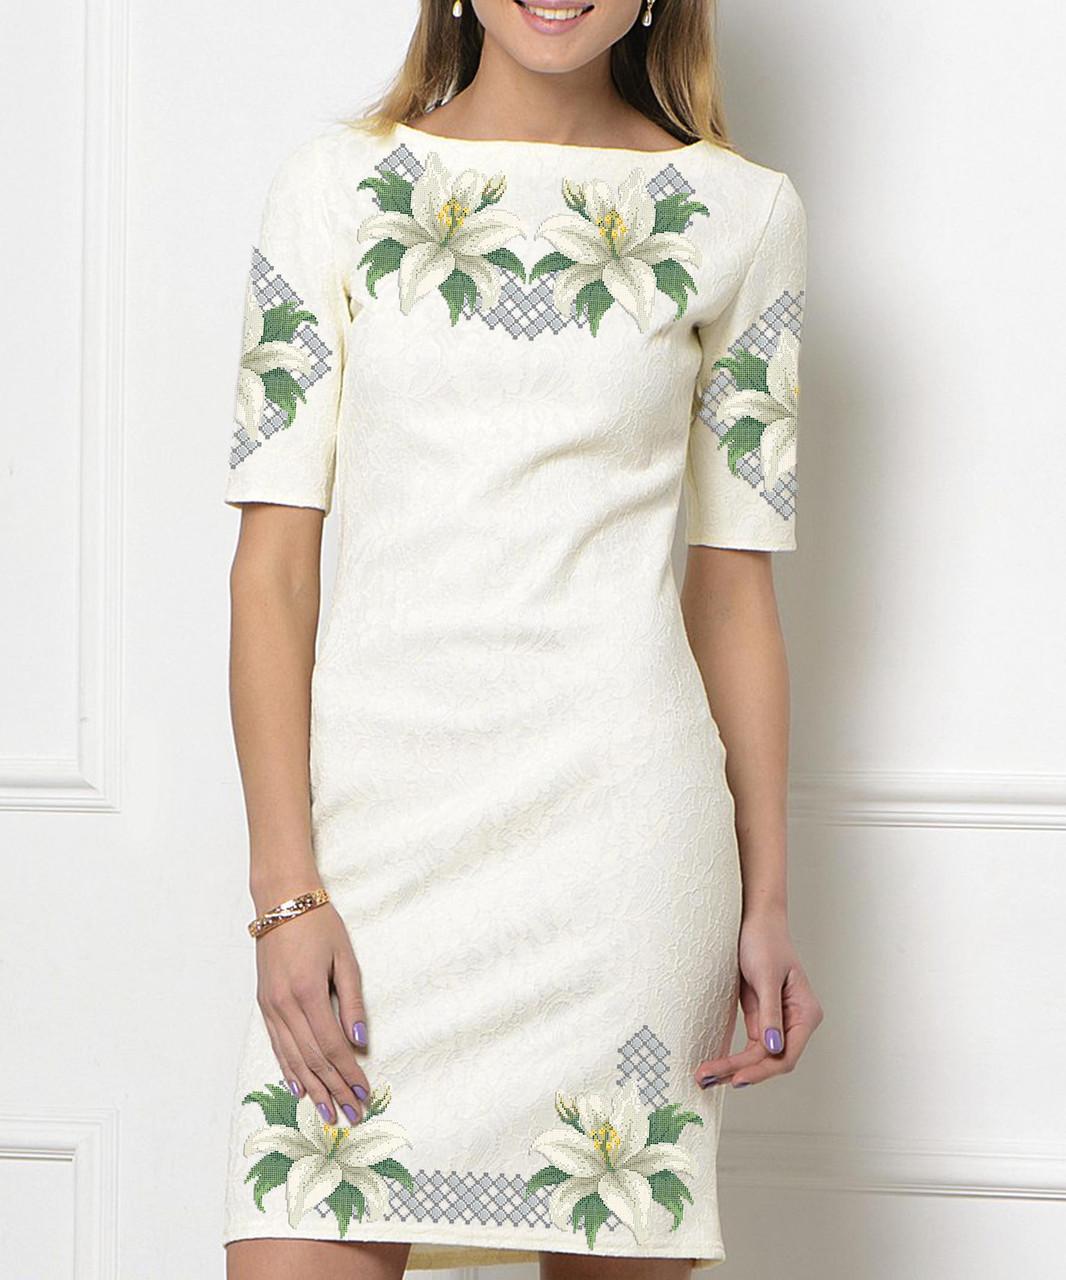 Заготовка женского платья для вышивки / вышивания бисером / ниткой «Білі лілії»